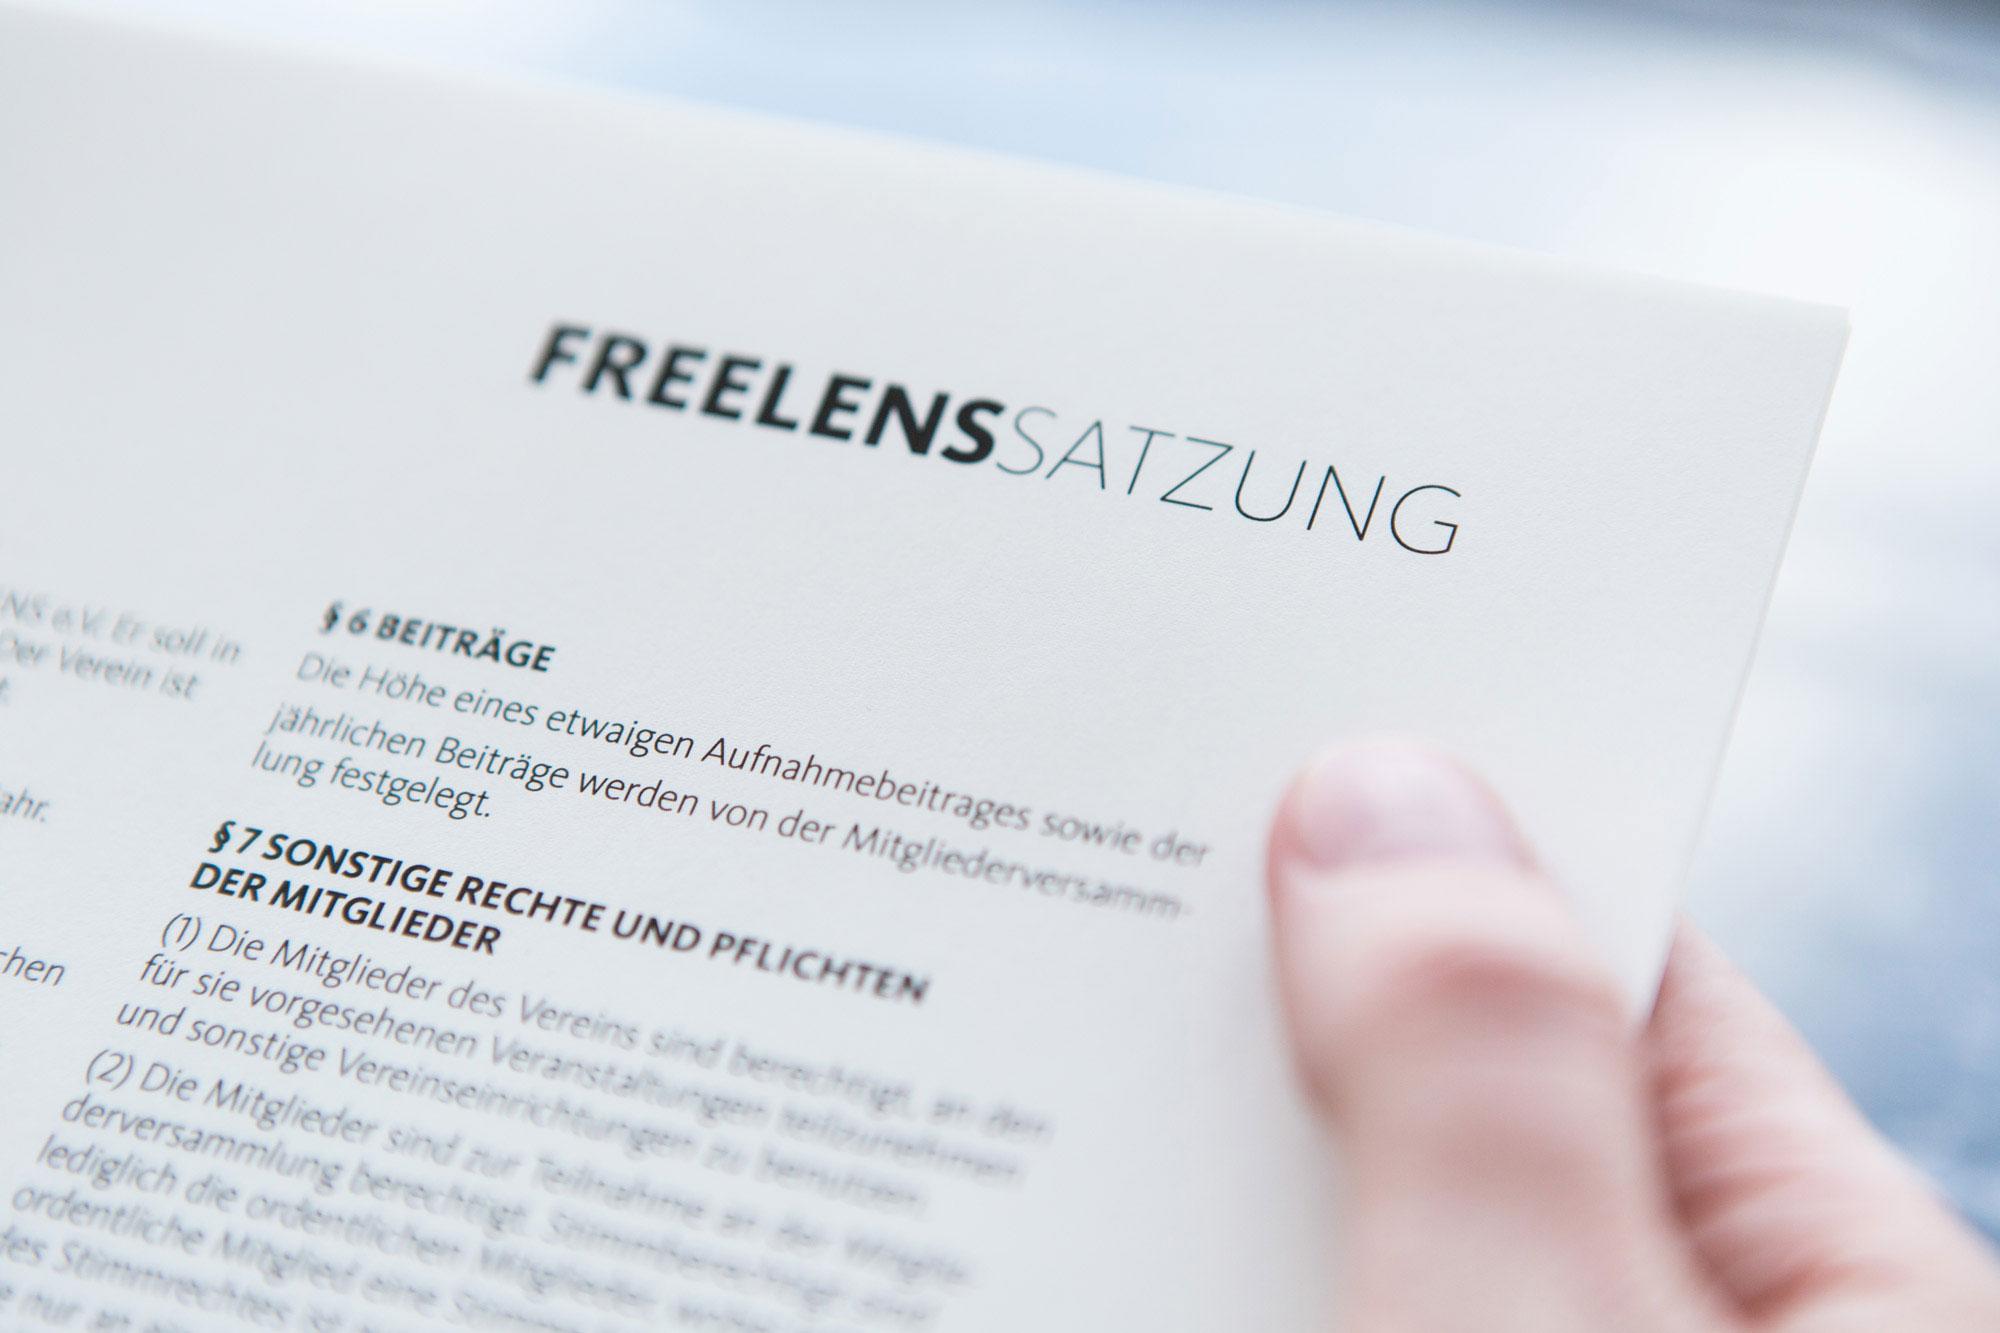 FREELENS Satzung von FREELENS e.V.